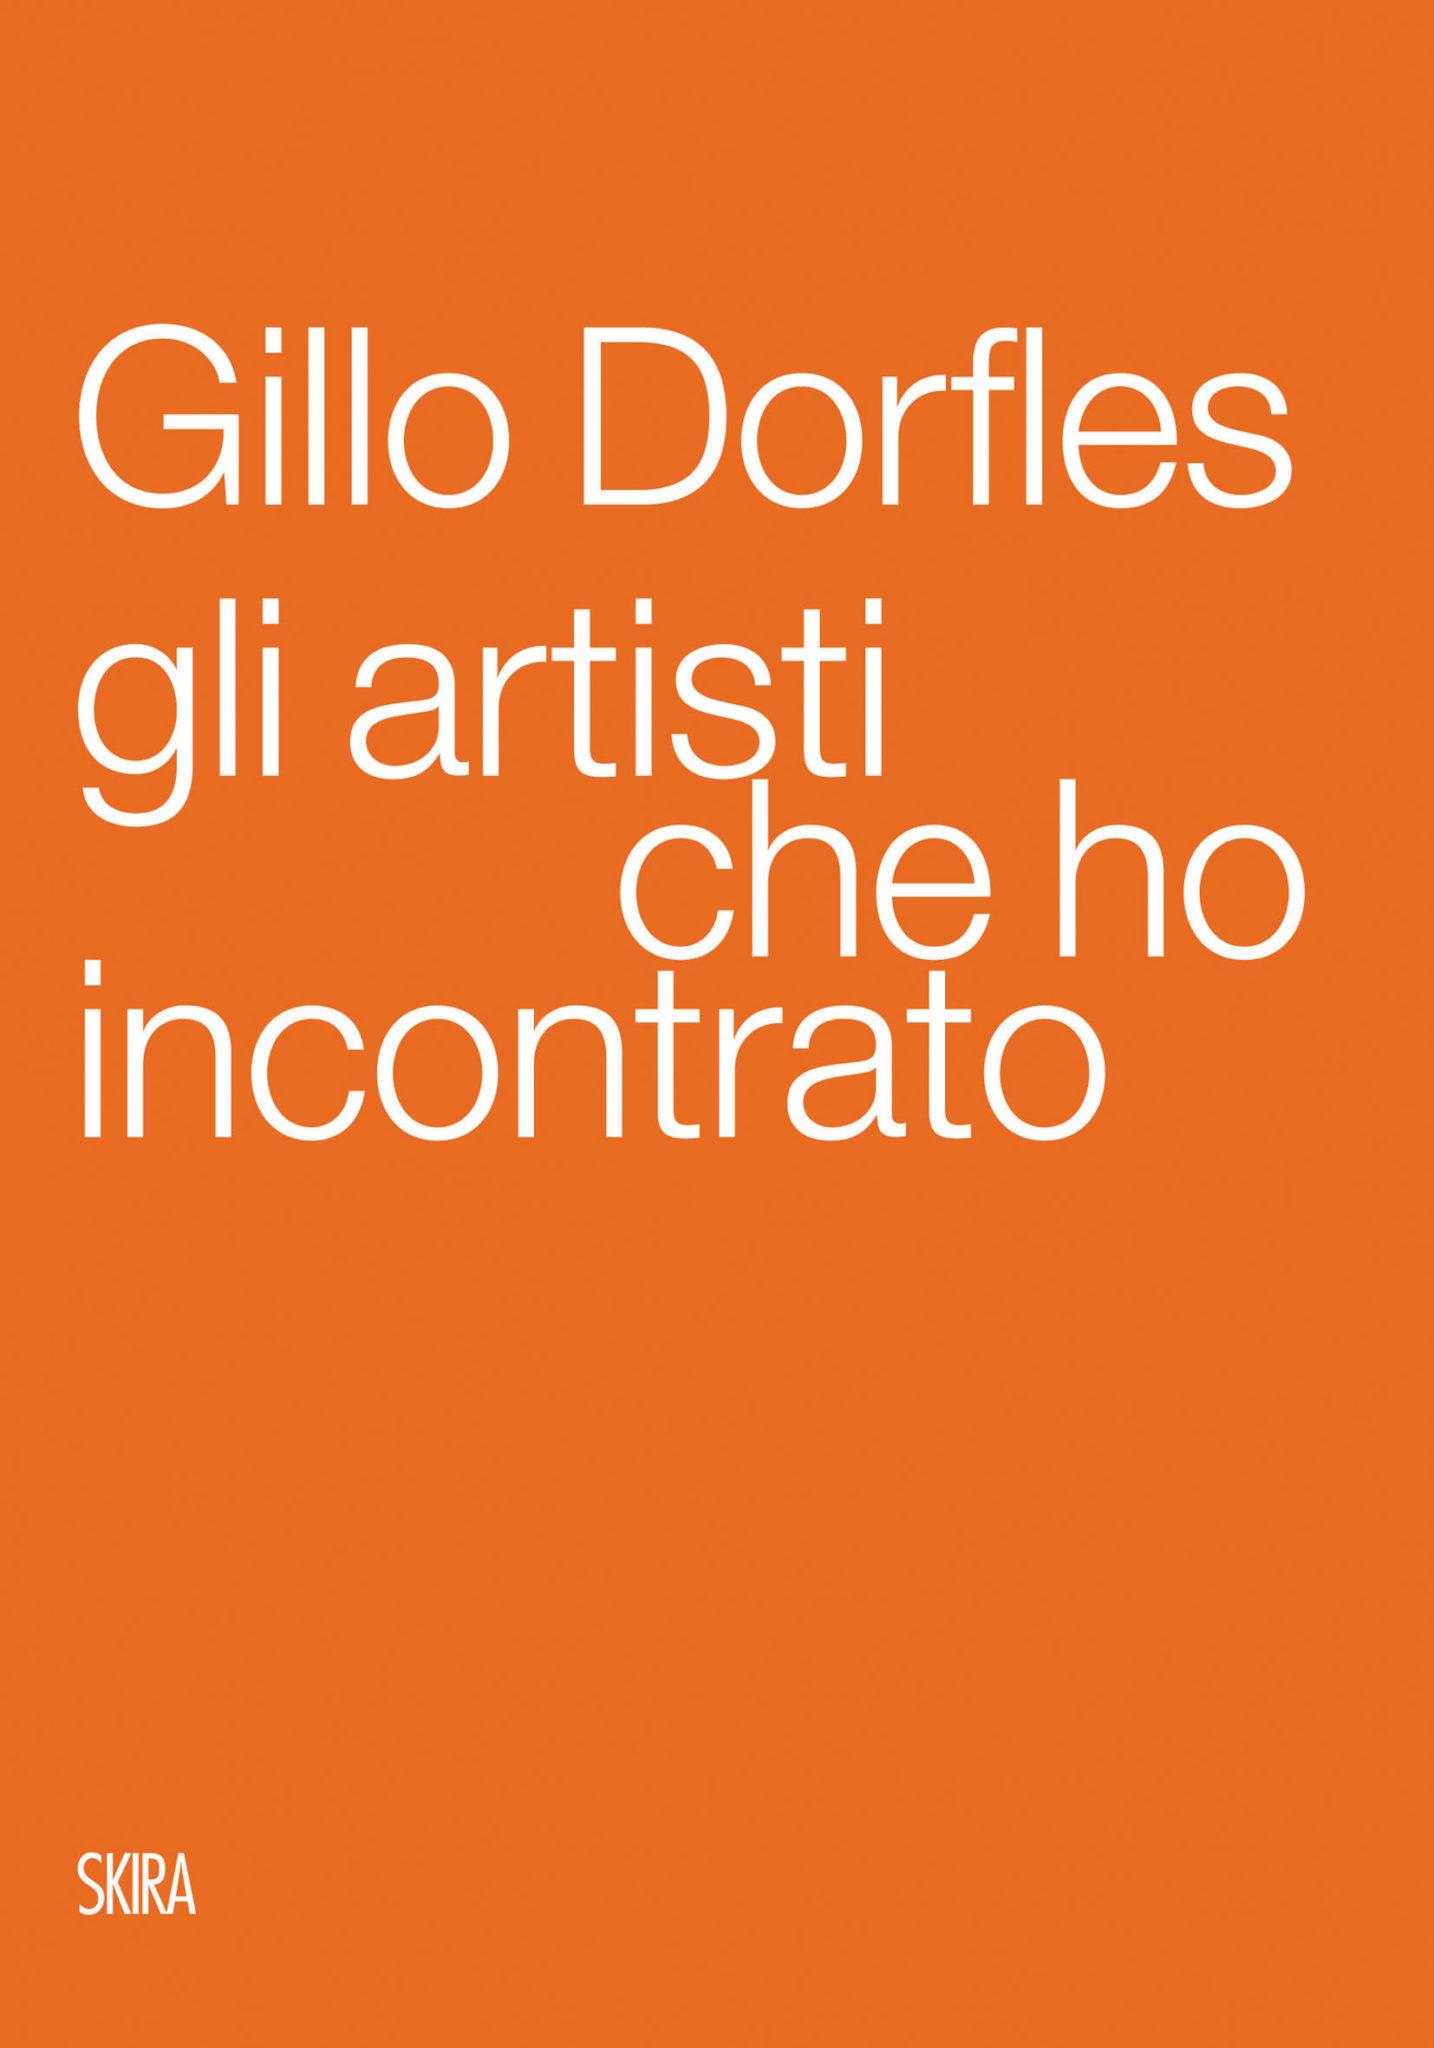 Gillo Dorfles. Gli artisti che ho incontrato